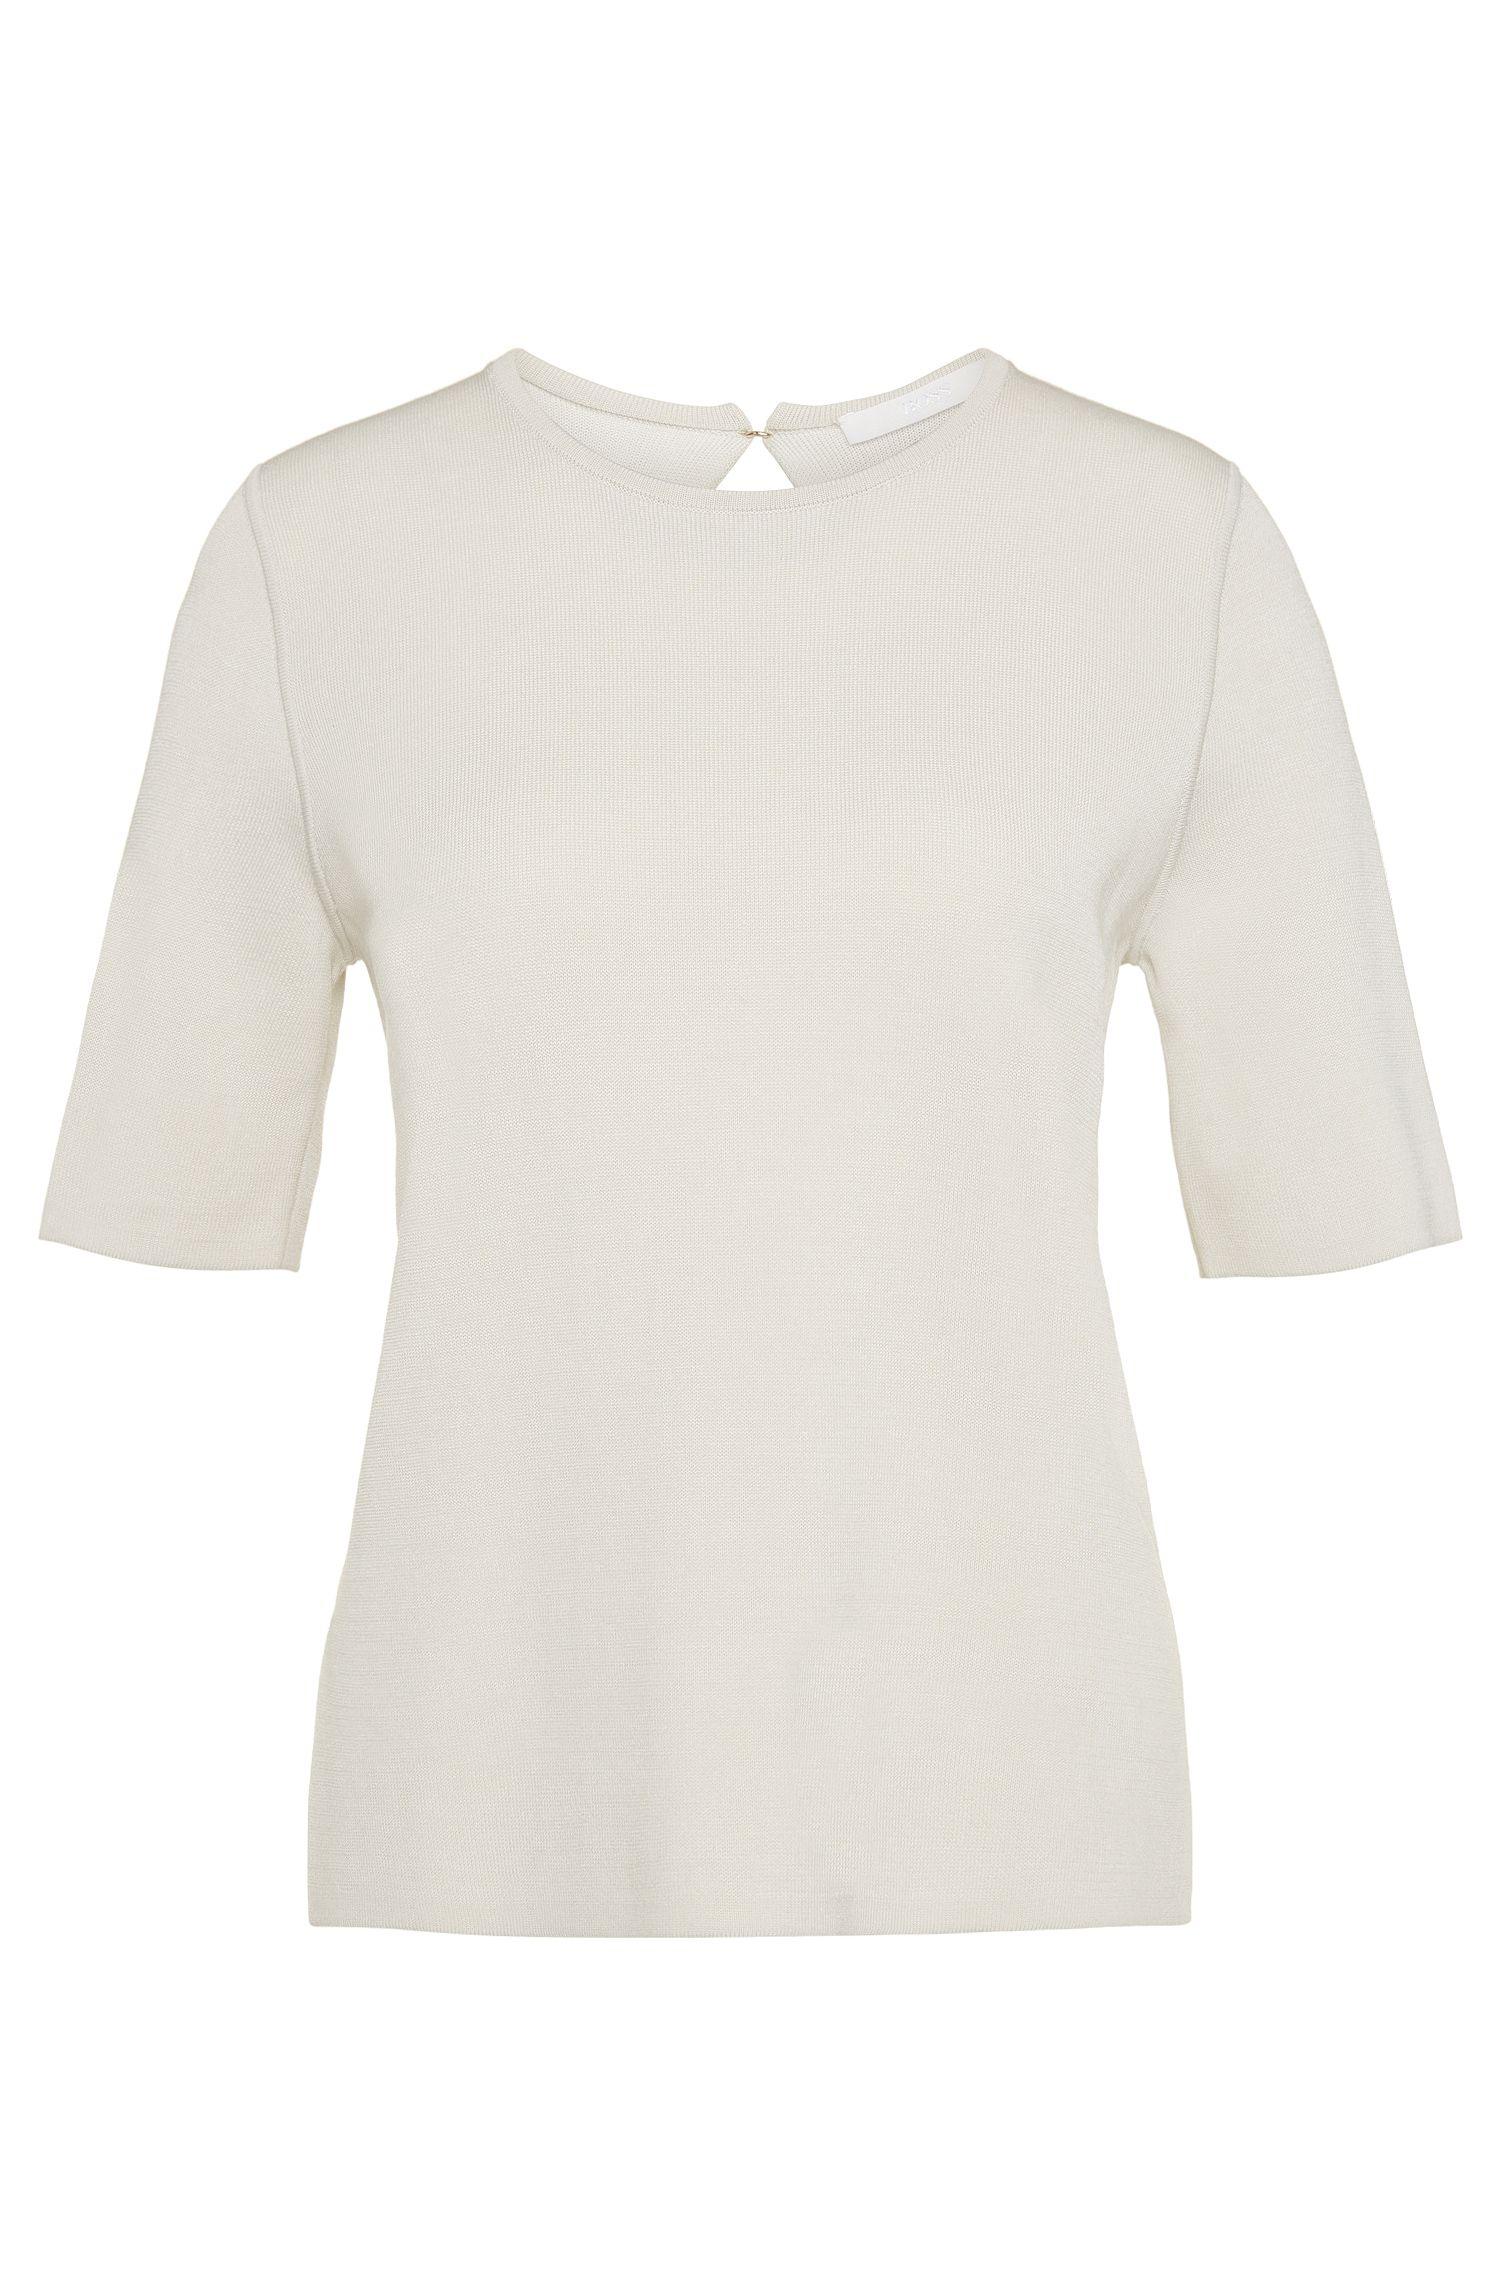 'Filzali' | Cotton Blend Shell Sweater